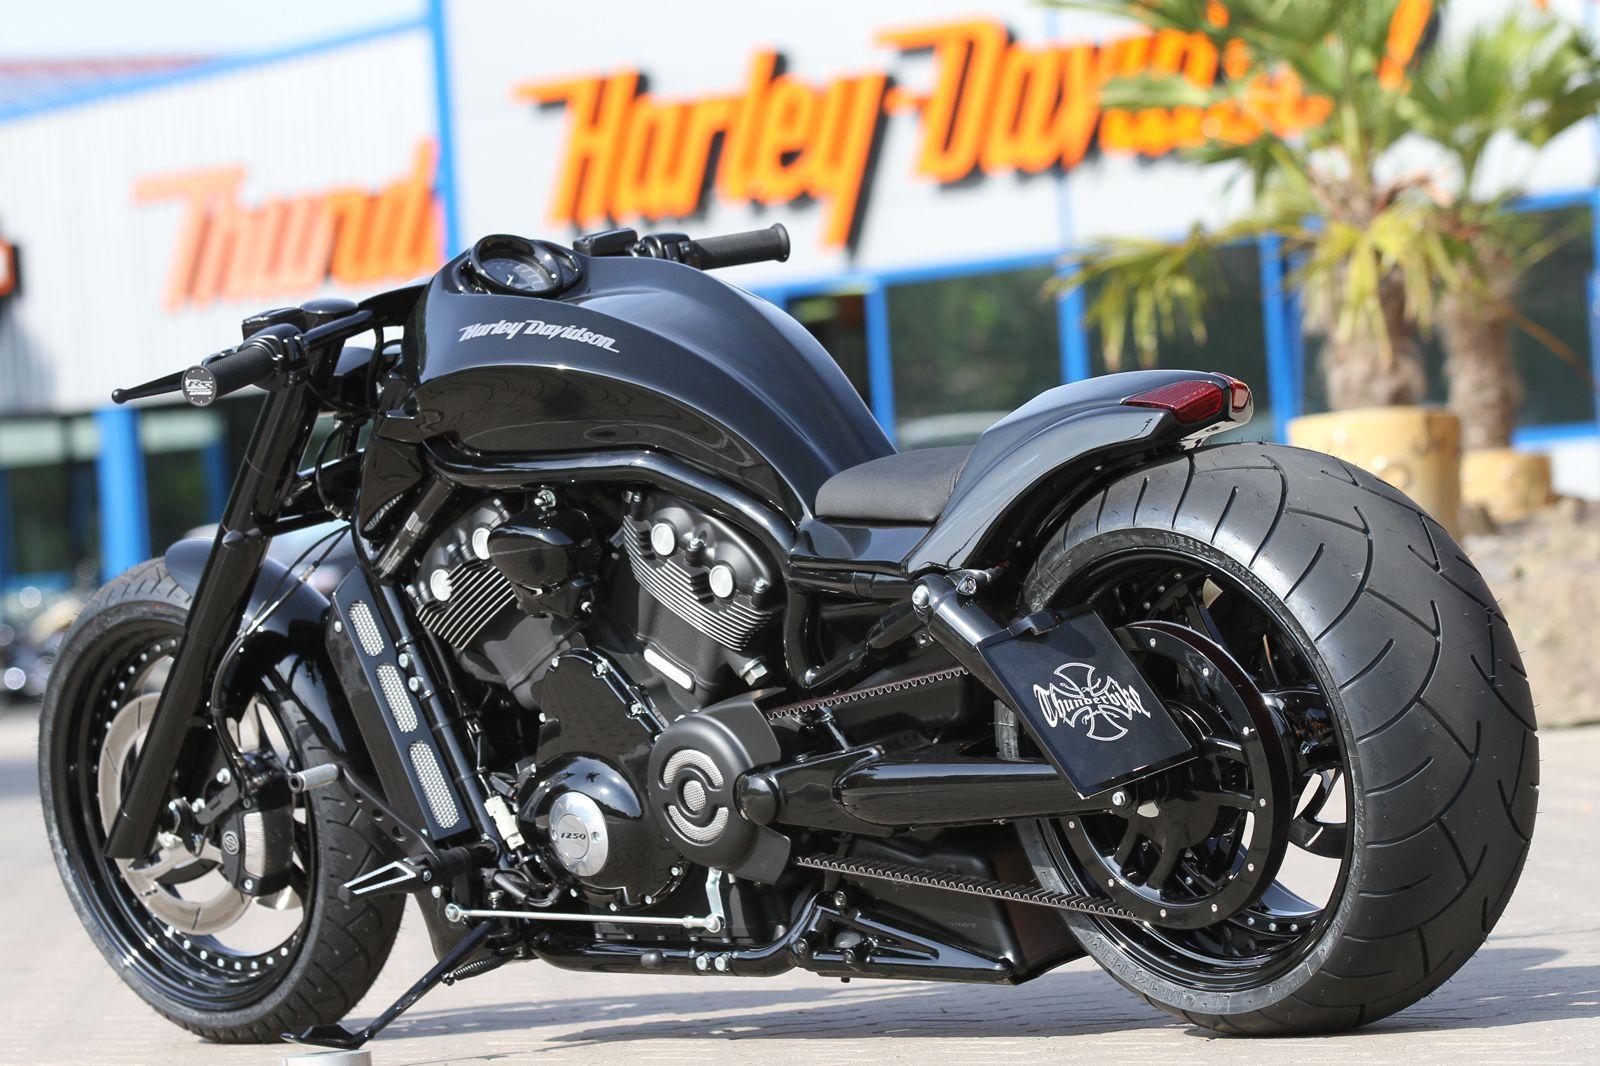 Harley Davidson Breakout Turbo Kit